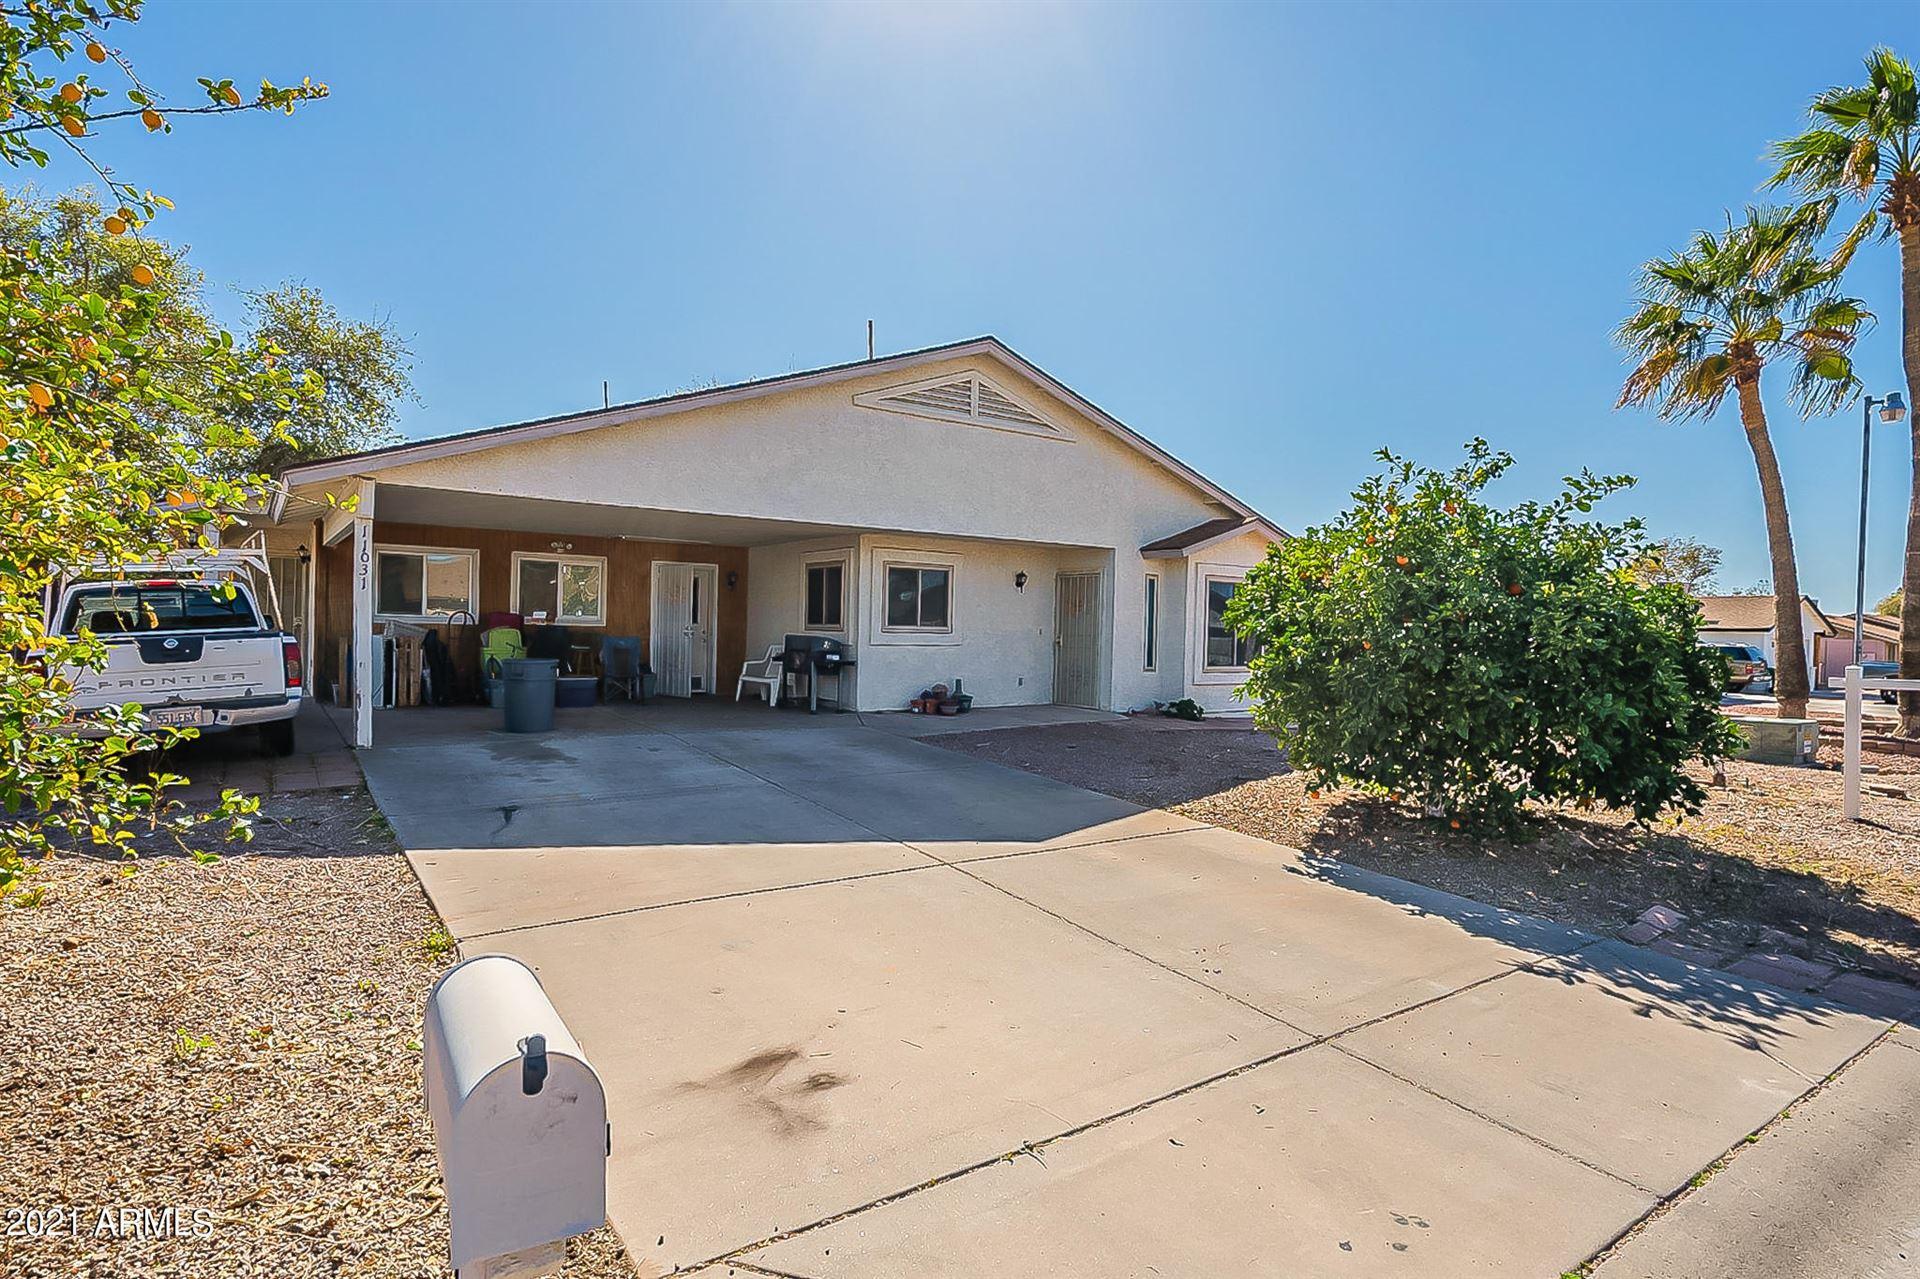 Photo of 11031 E VINE Avenue, Mesa, AZ 85208 (MLS # 6200801)